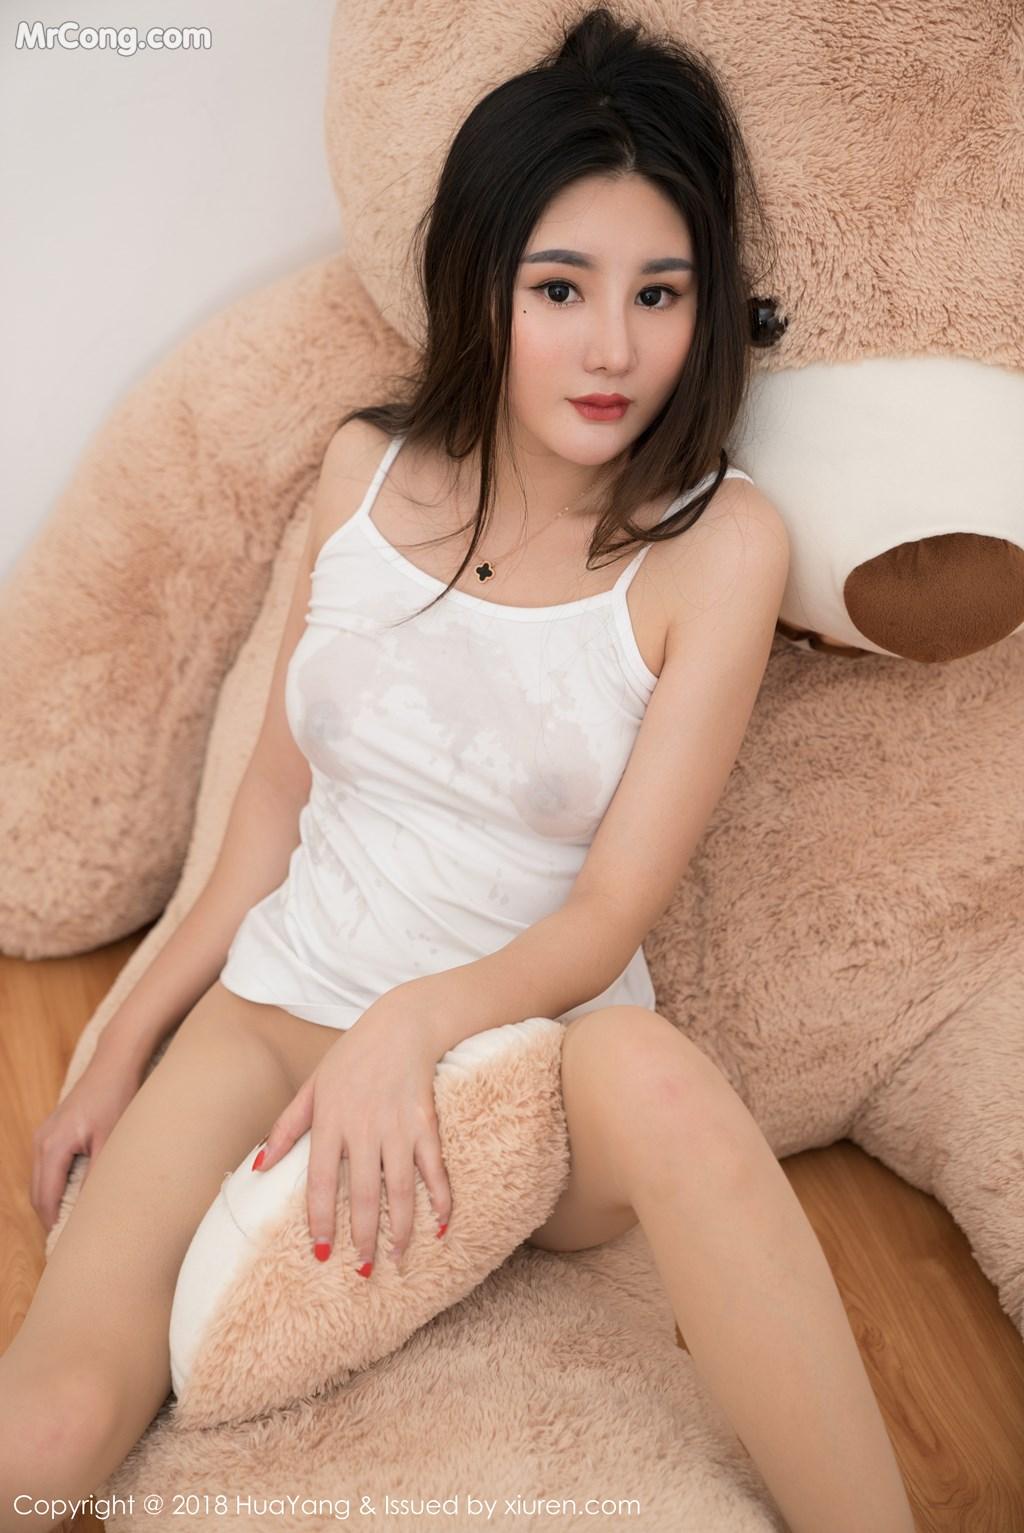 Image HuaYang-2018-03-02-Vol.034-Xiao-Tian-Xin-Candy-MrCong.com-038 in post HuaYang 2018-03-02 Vol.034: Người mẫu Xiao Tian Xin (小甜心Candy) (41 ảnh)